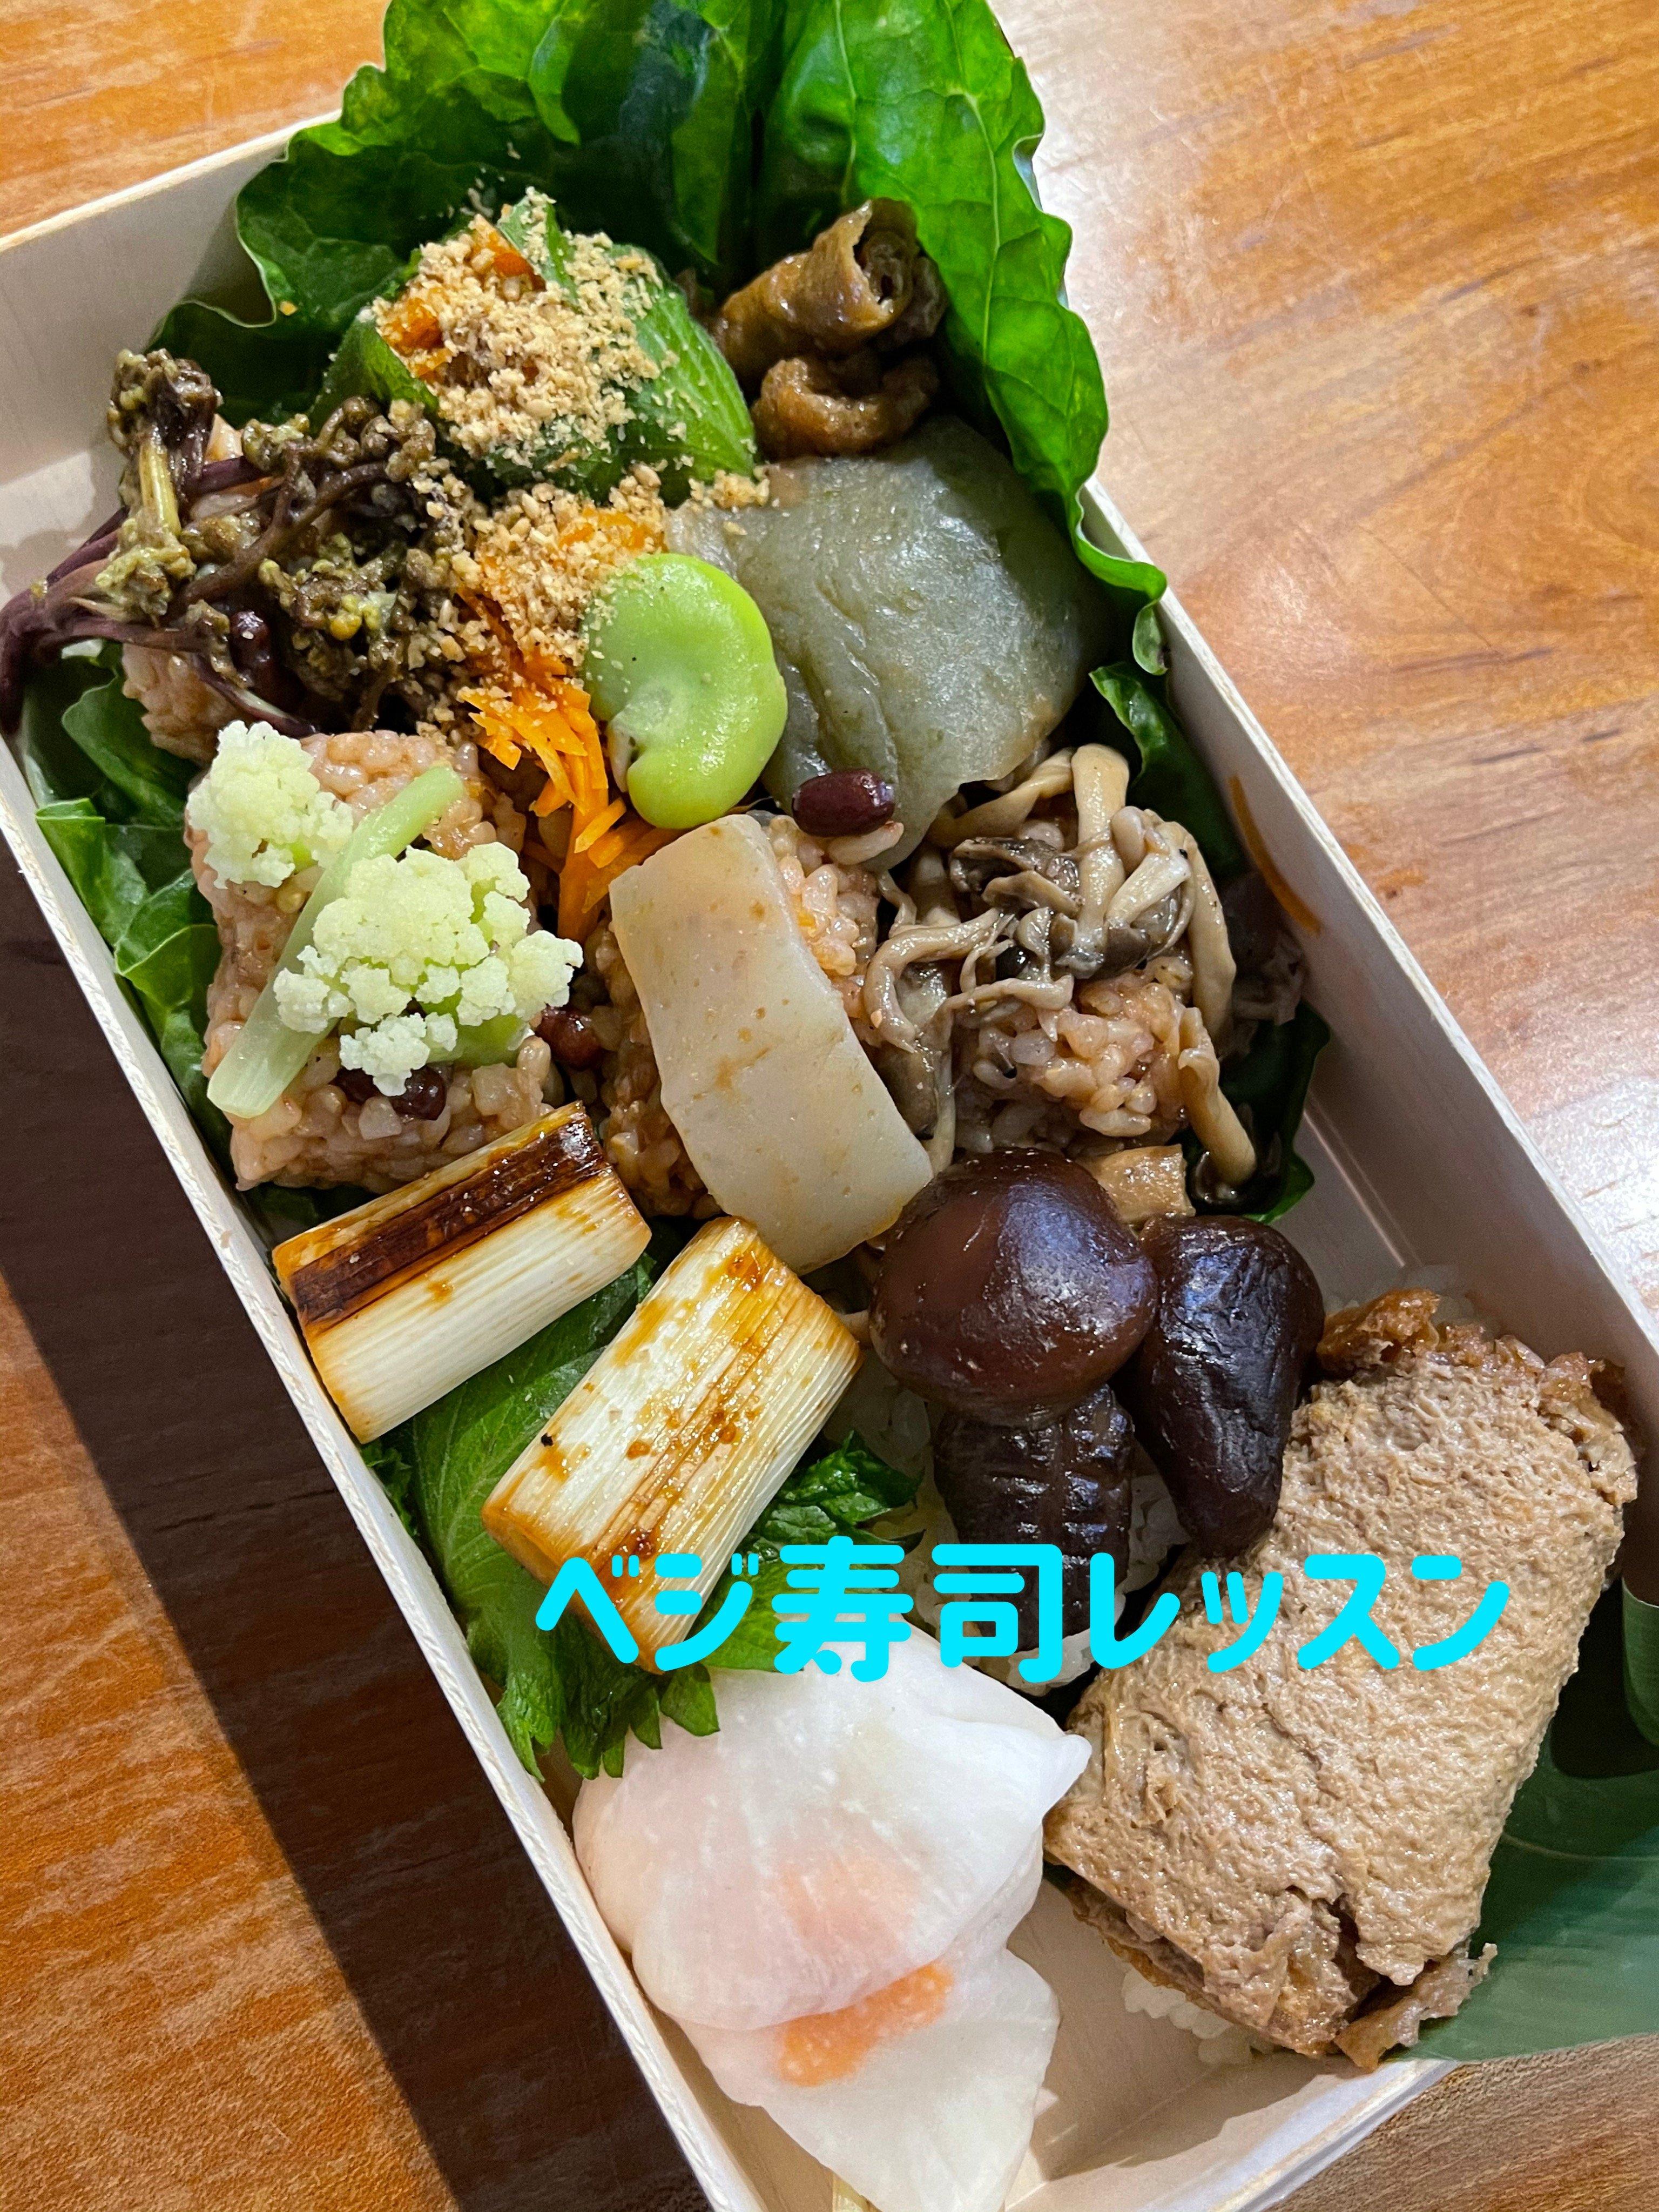 (現地払い)発酵ベジ寿司レッスン 9月18日(土)のイメージその2